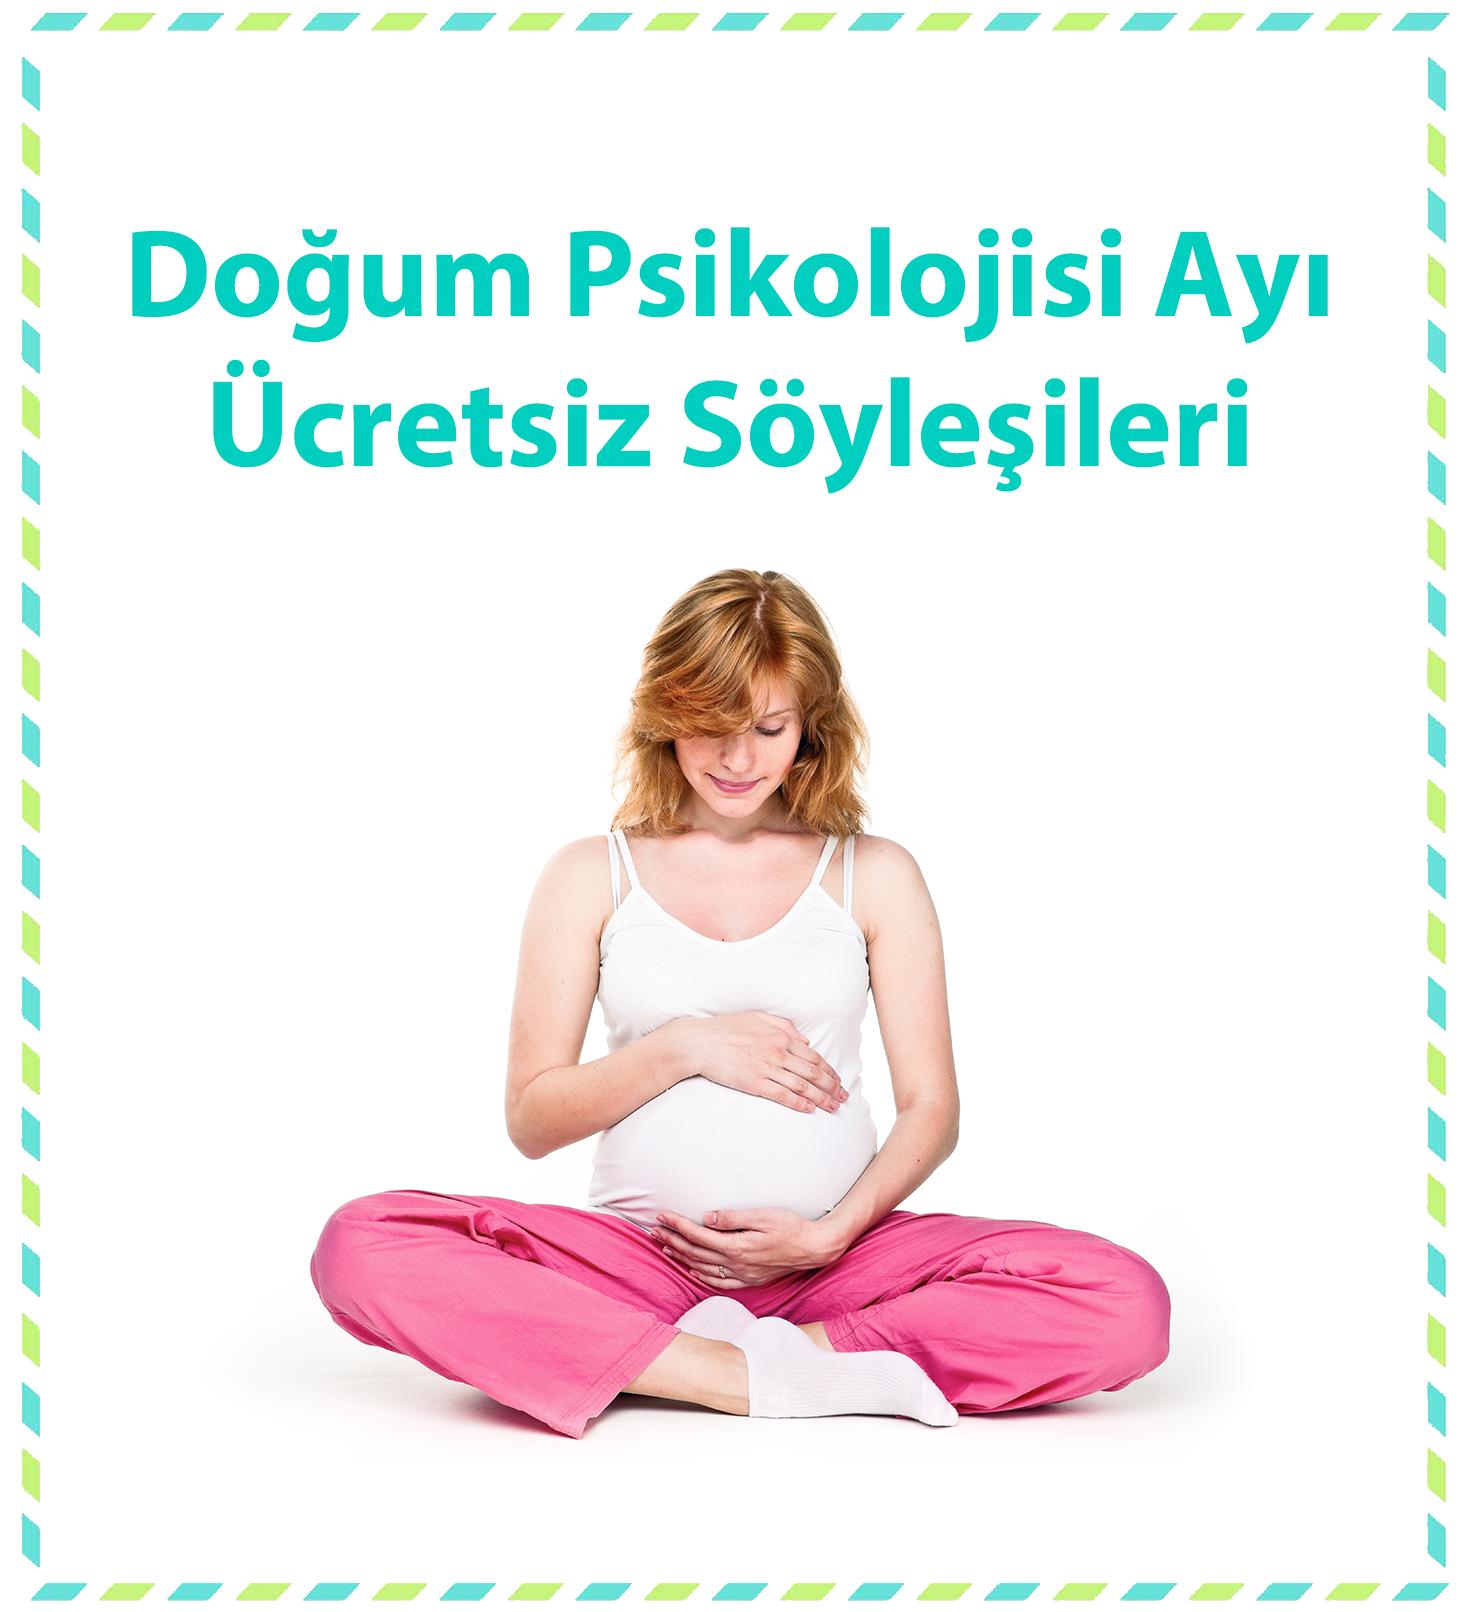 5-12-19 Mart 2020 Doğum Psikolojisi Ayı Ücretsiz Söyleşileri